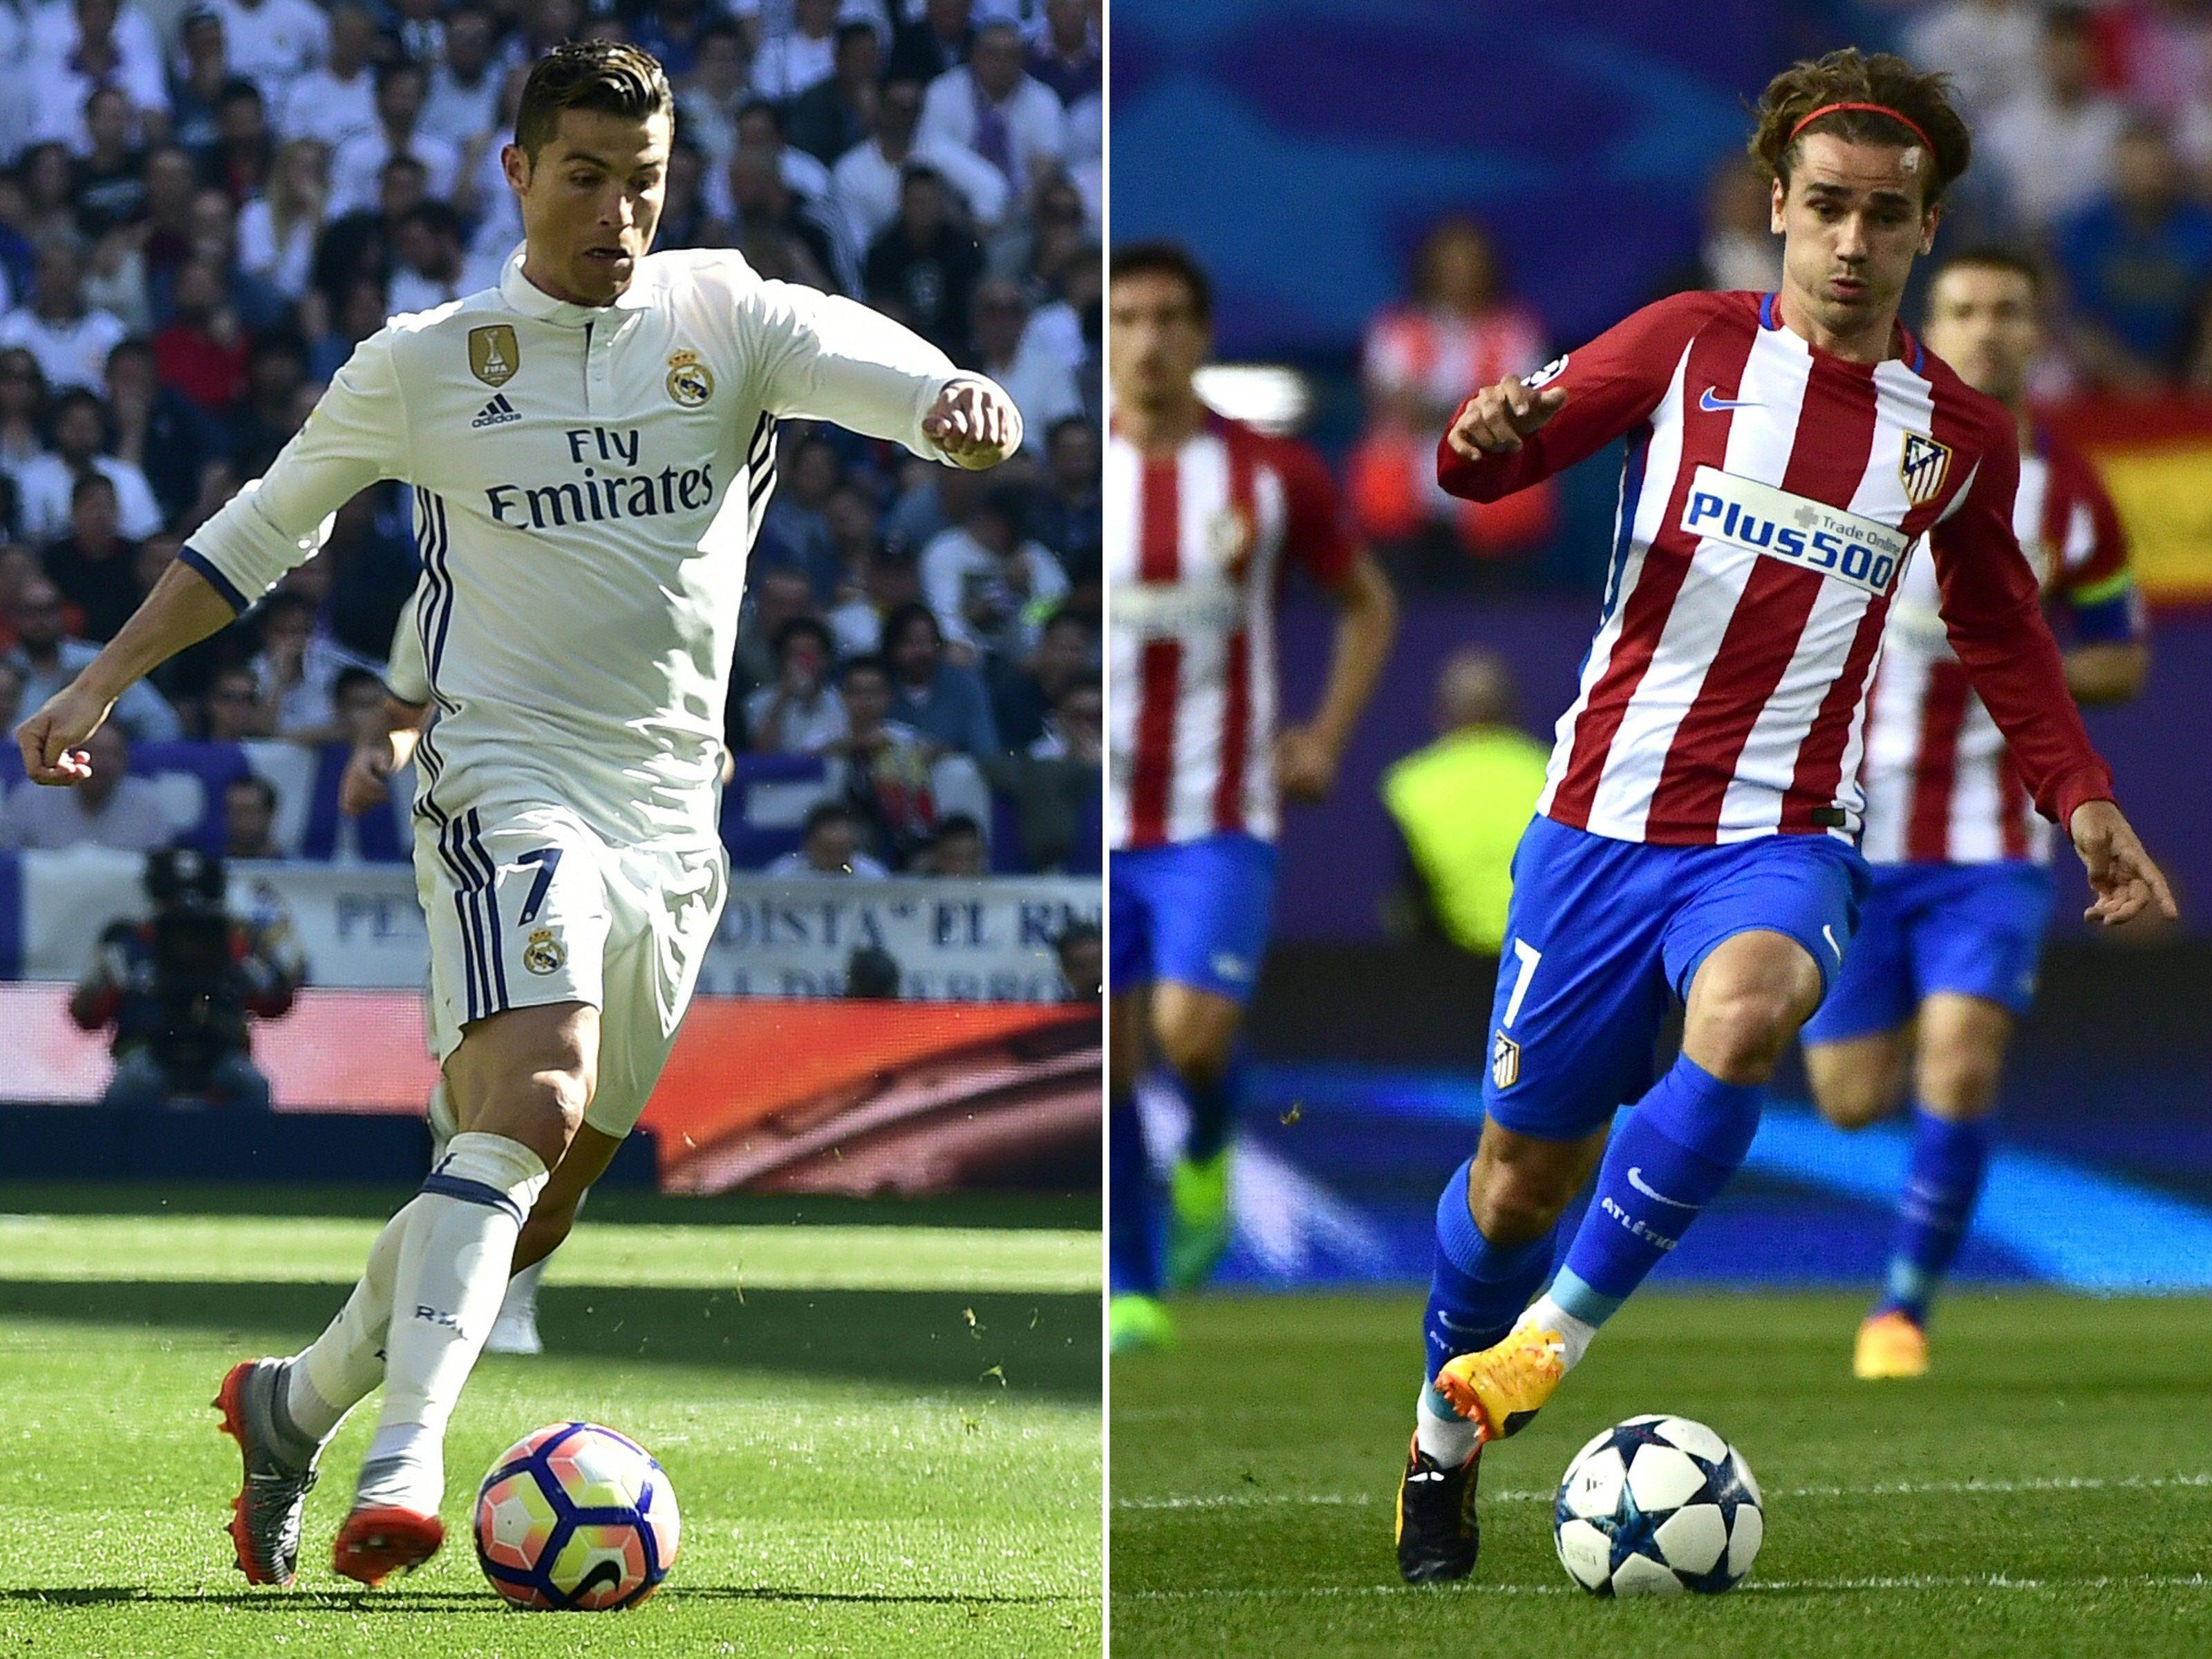 Real Madrid empfängt Atlético im Hinspiel des Halbfinales der UEFA Champions League.